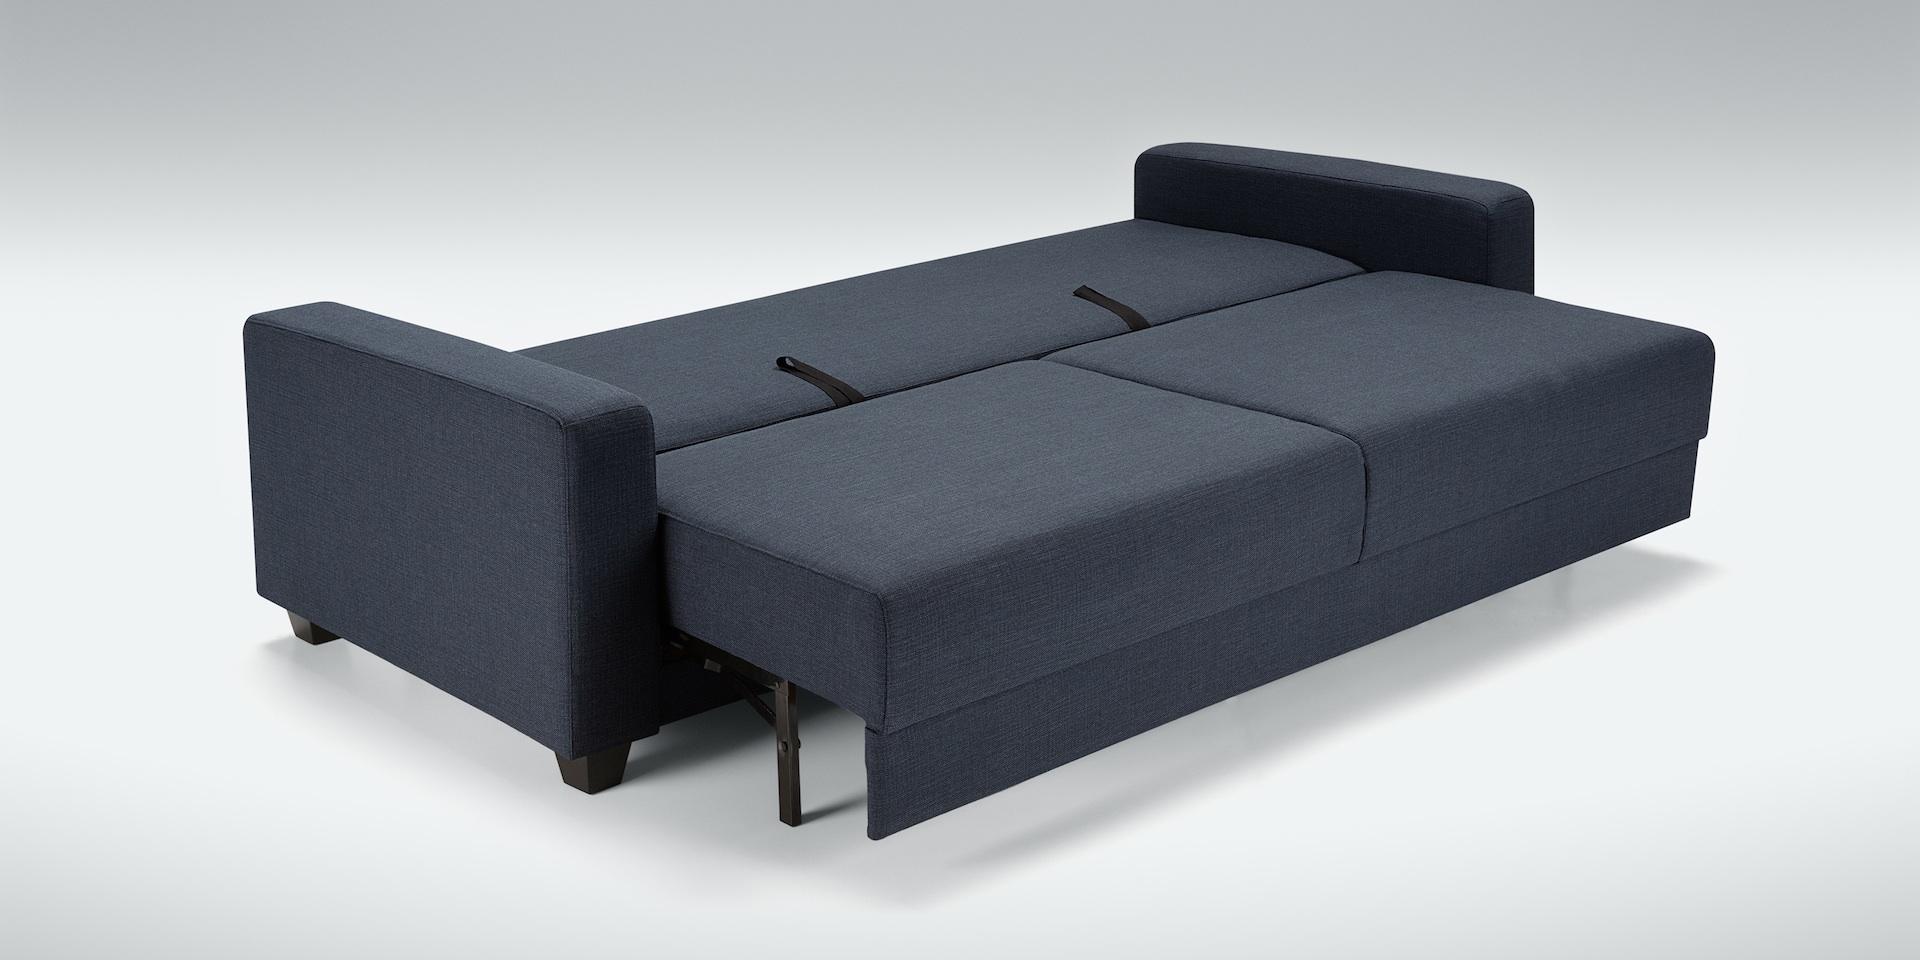 BARI_shadow_sofa_bed_bona9_dark_blue_3